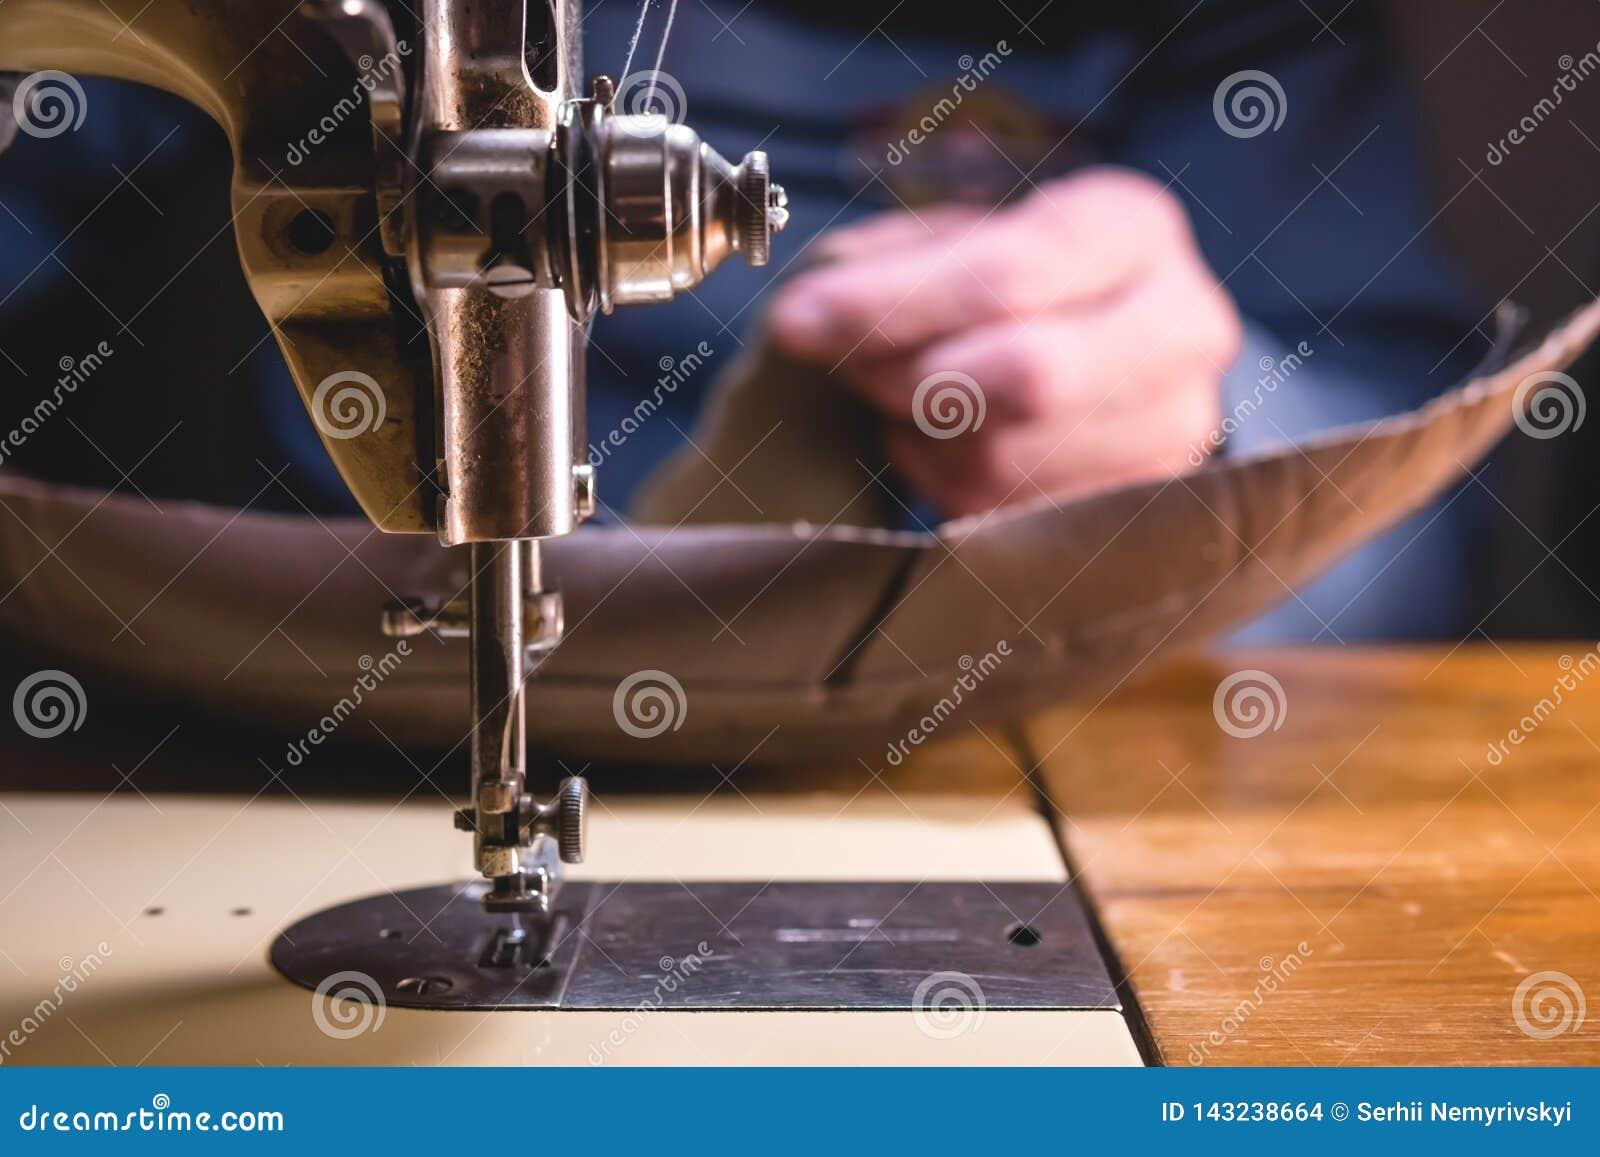 Шить процесс кожаного пояса руки старика за шить Кожаная мастерская шить ткани винтажный промышленный